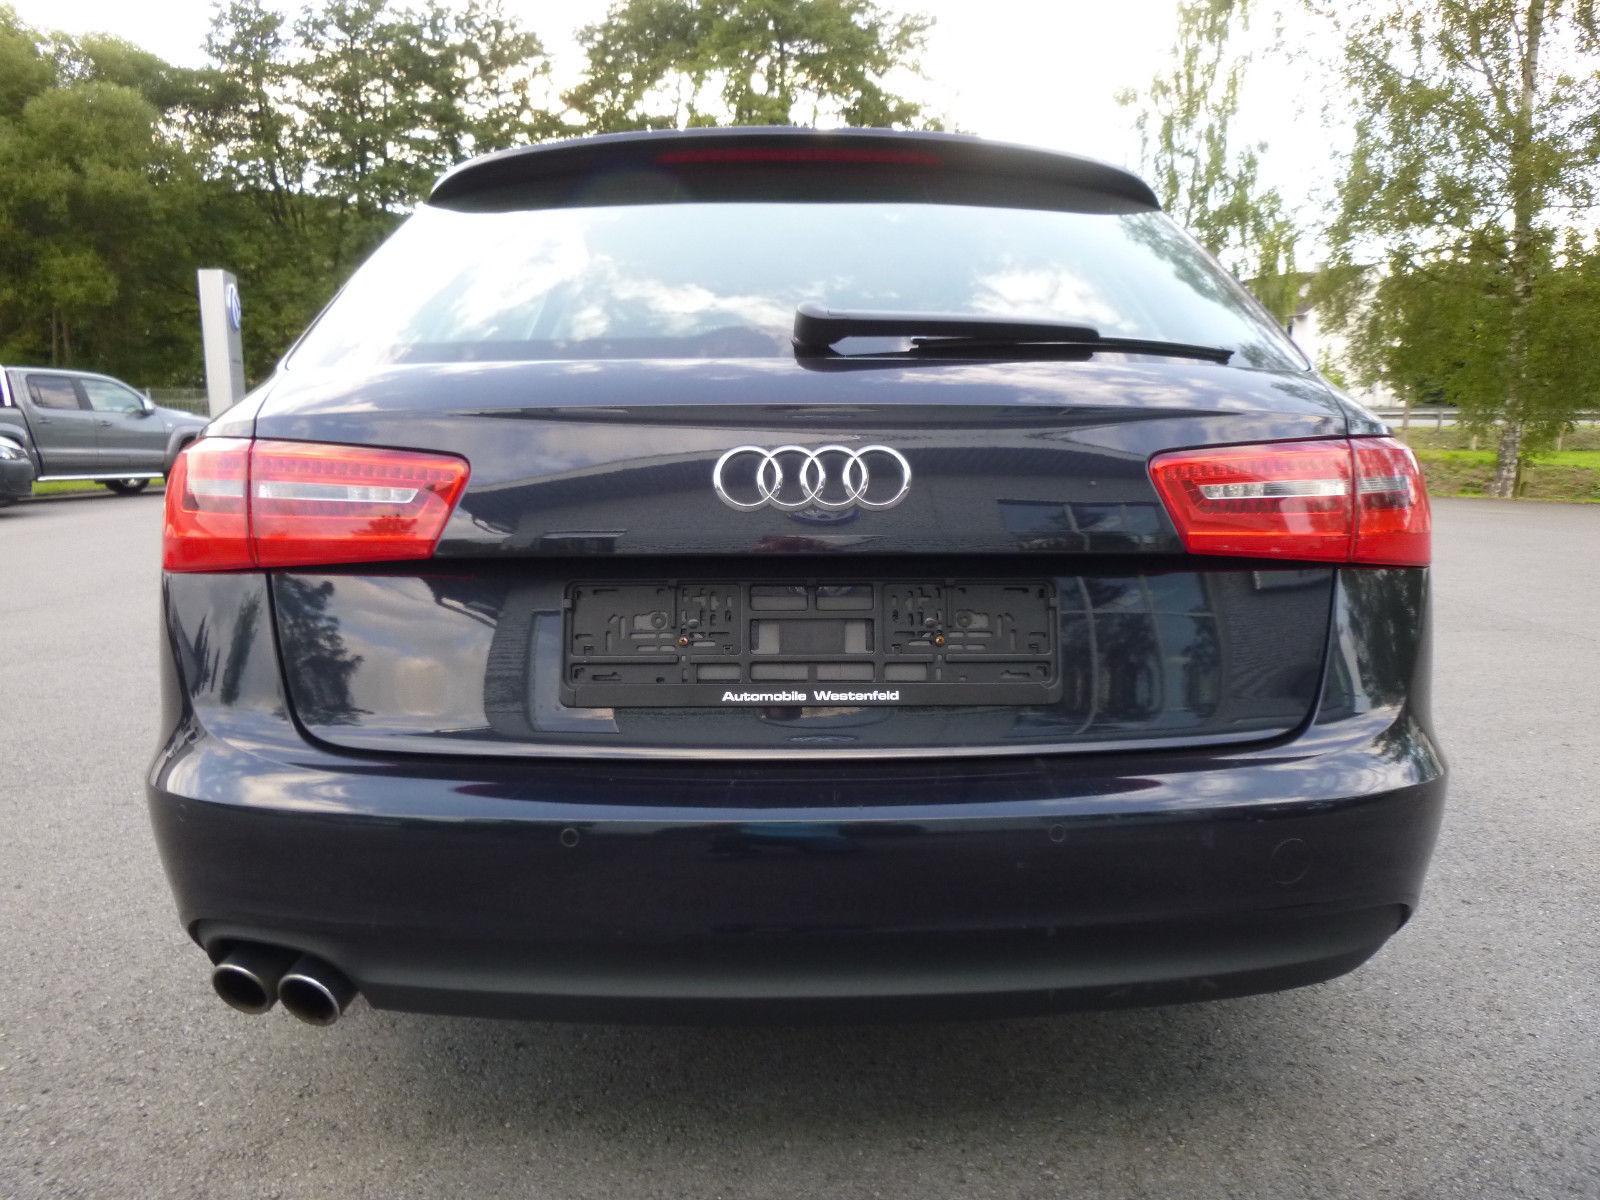 Покупка на кола от Германия -Ауди А6 2013-та, 2.0 TDI, 177 к.с.; 09.09.2017 Галерия (5)